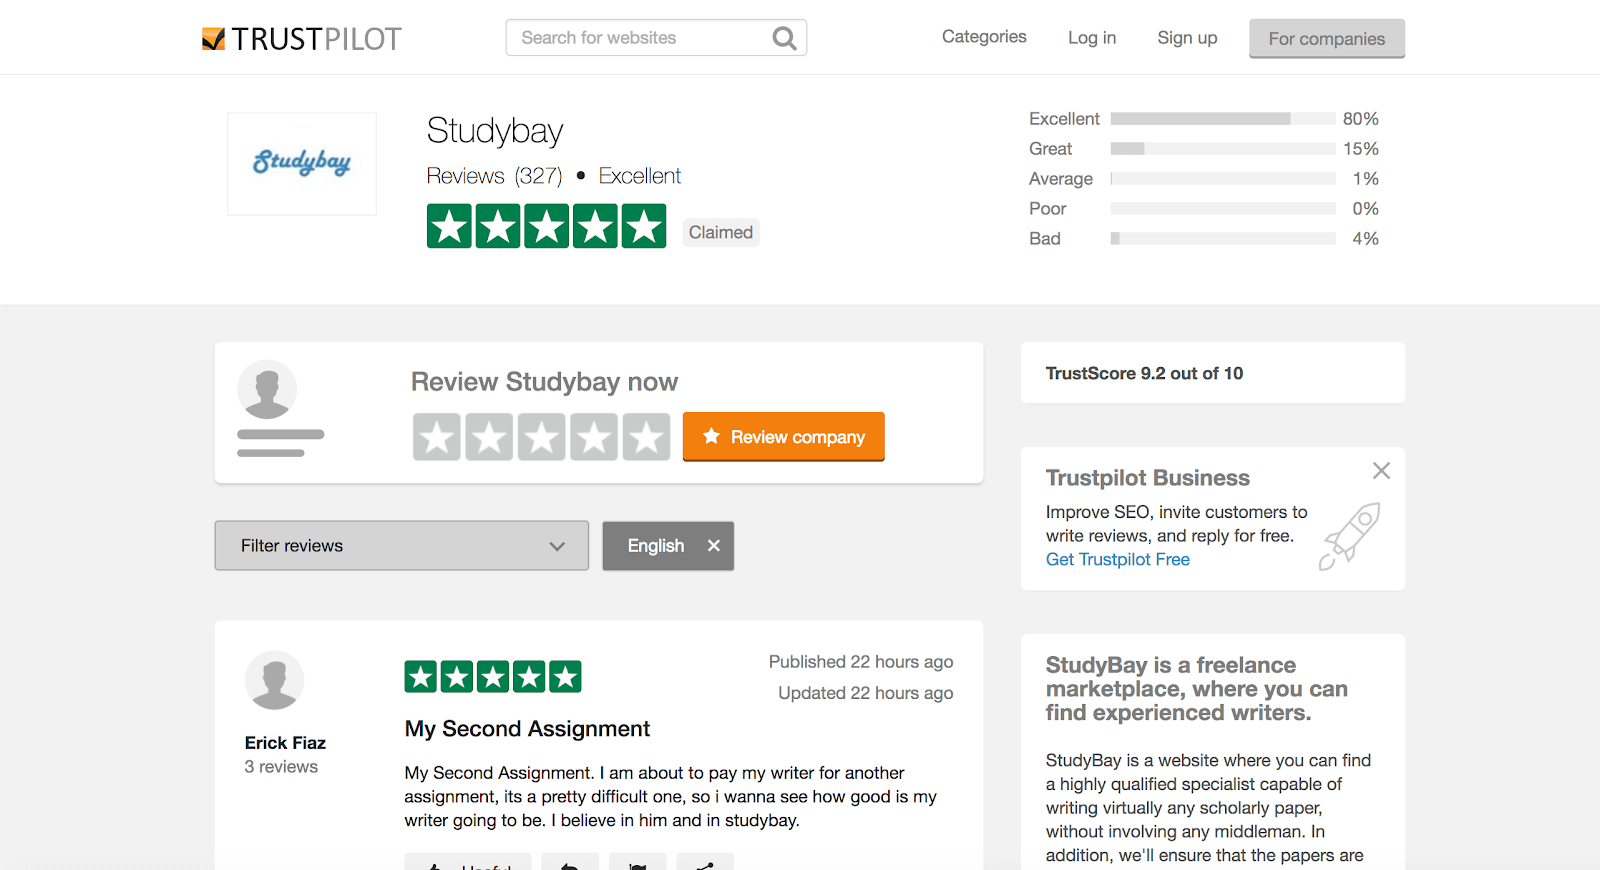 trustpilot studybay review